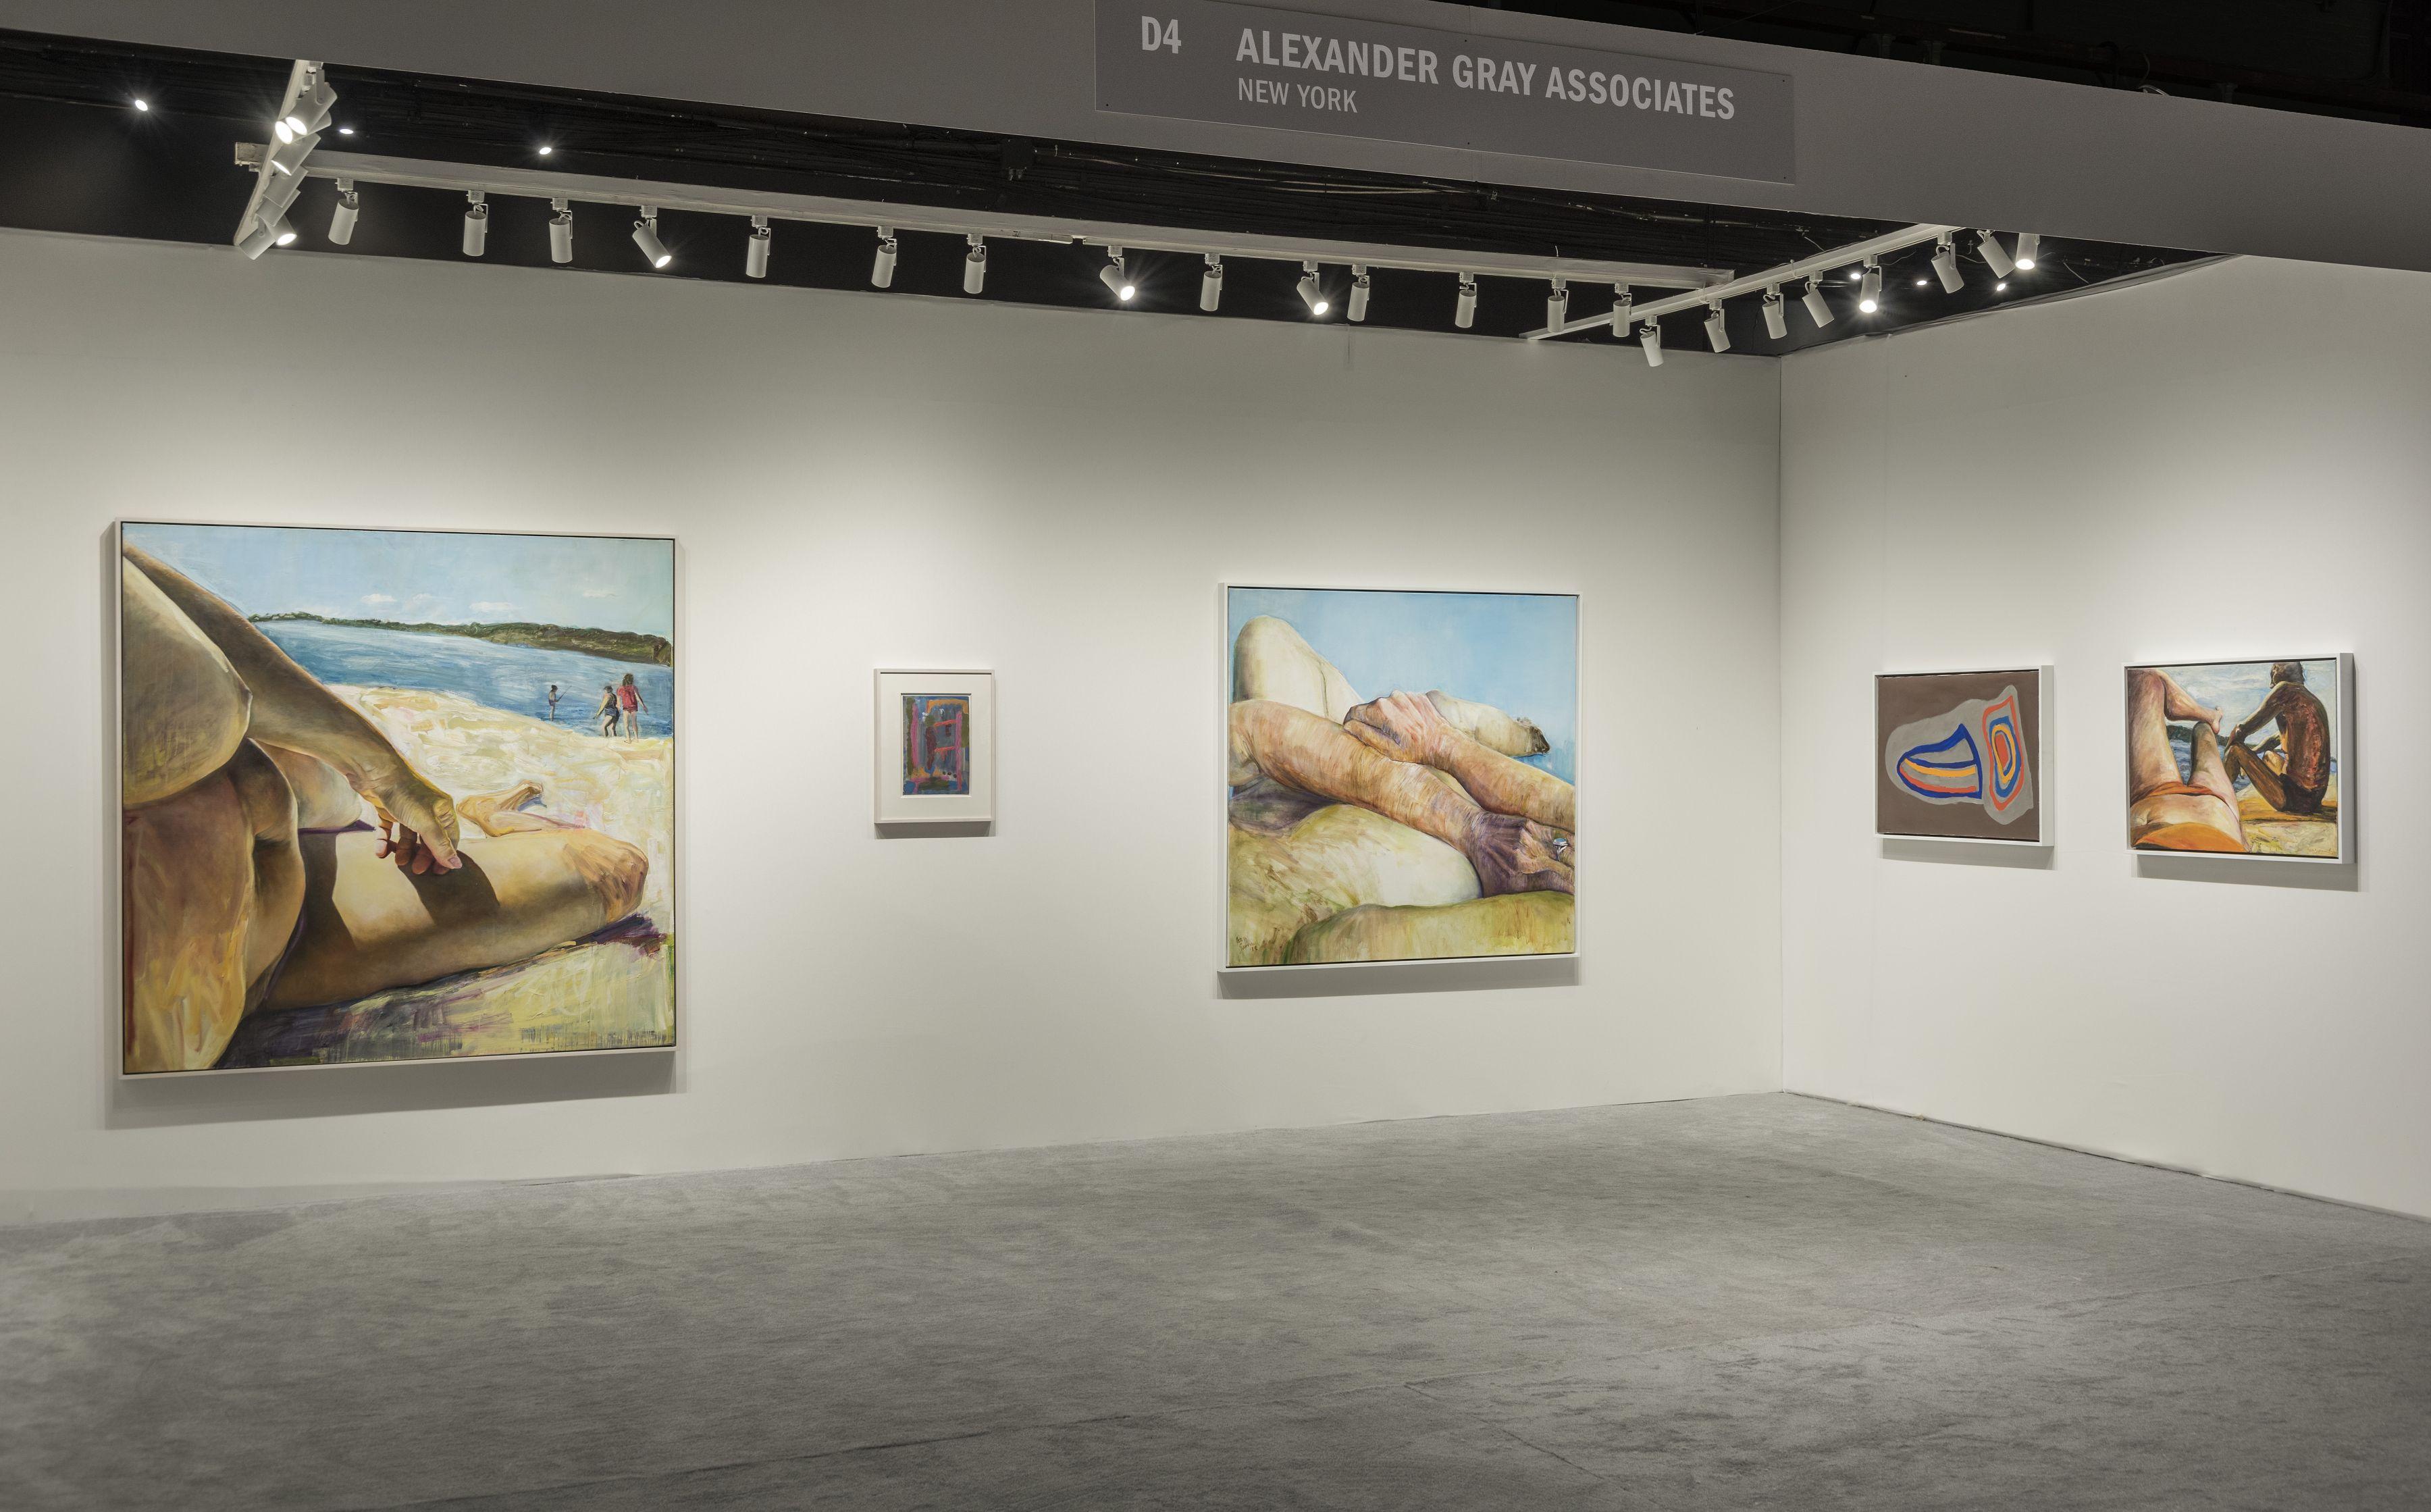 Alexander Gray Associates, ADAA:The Art Show2019